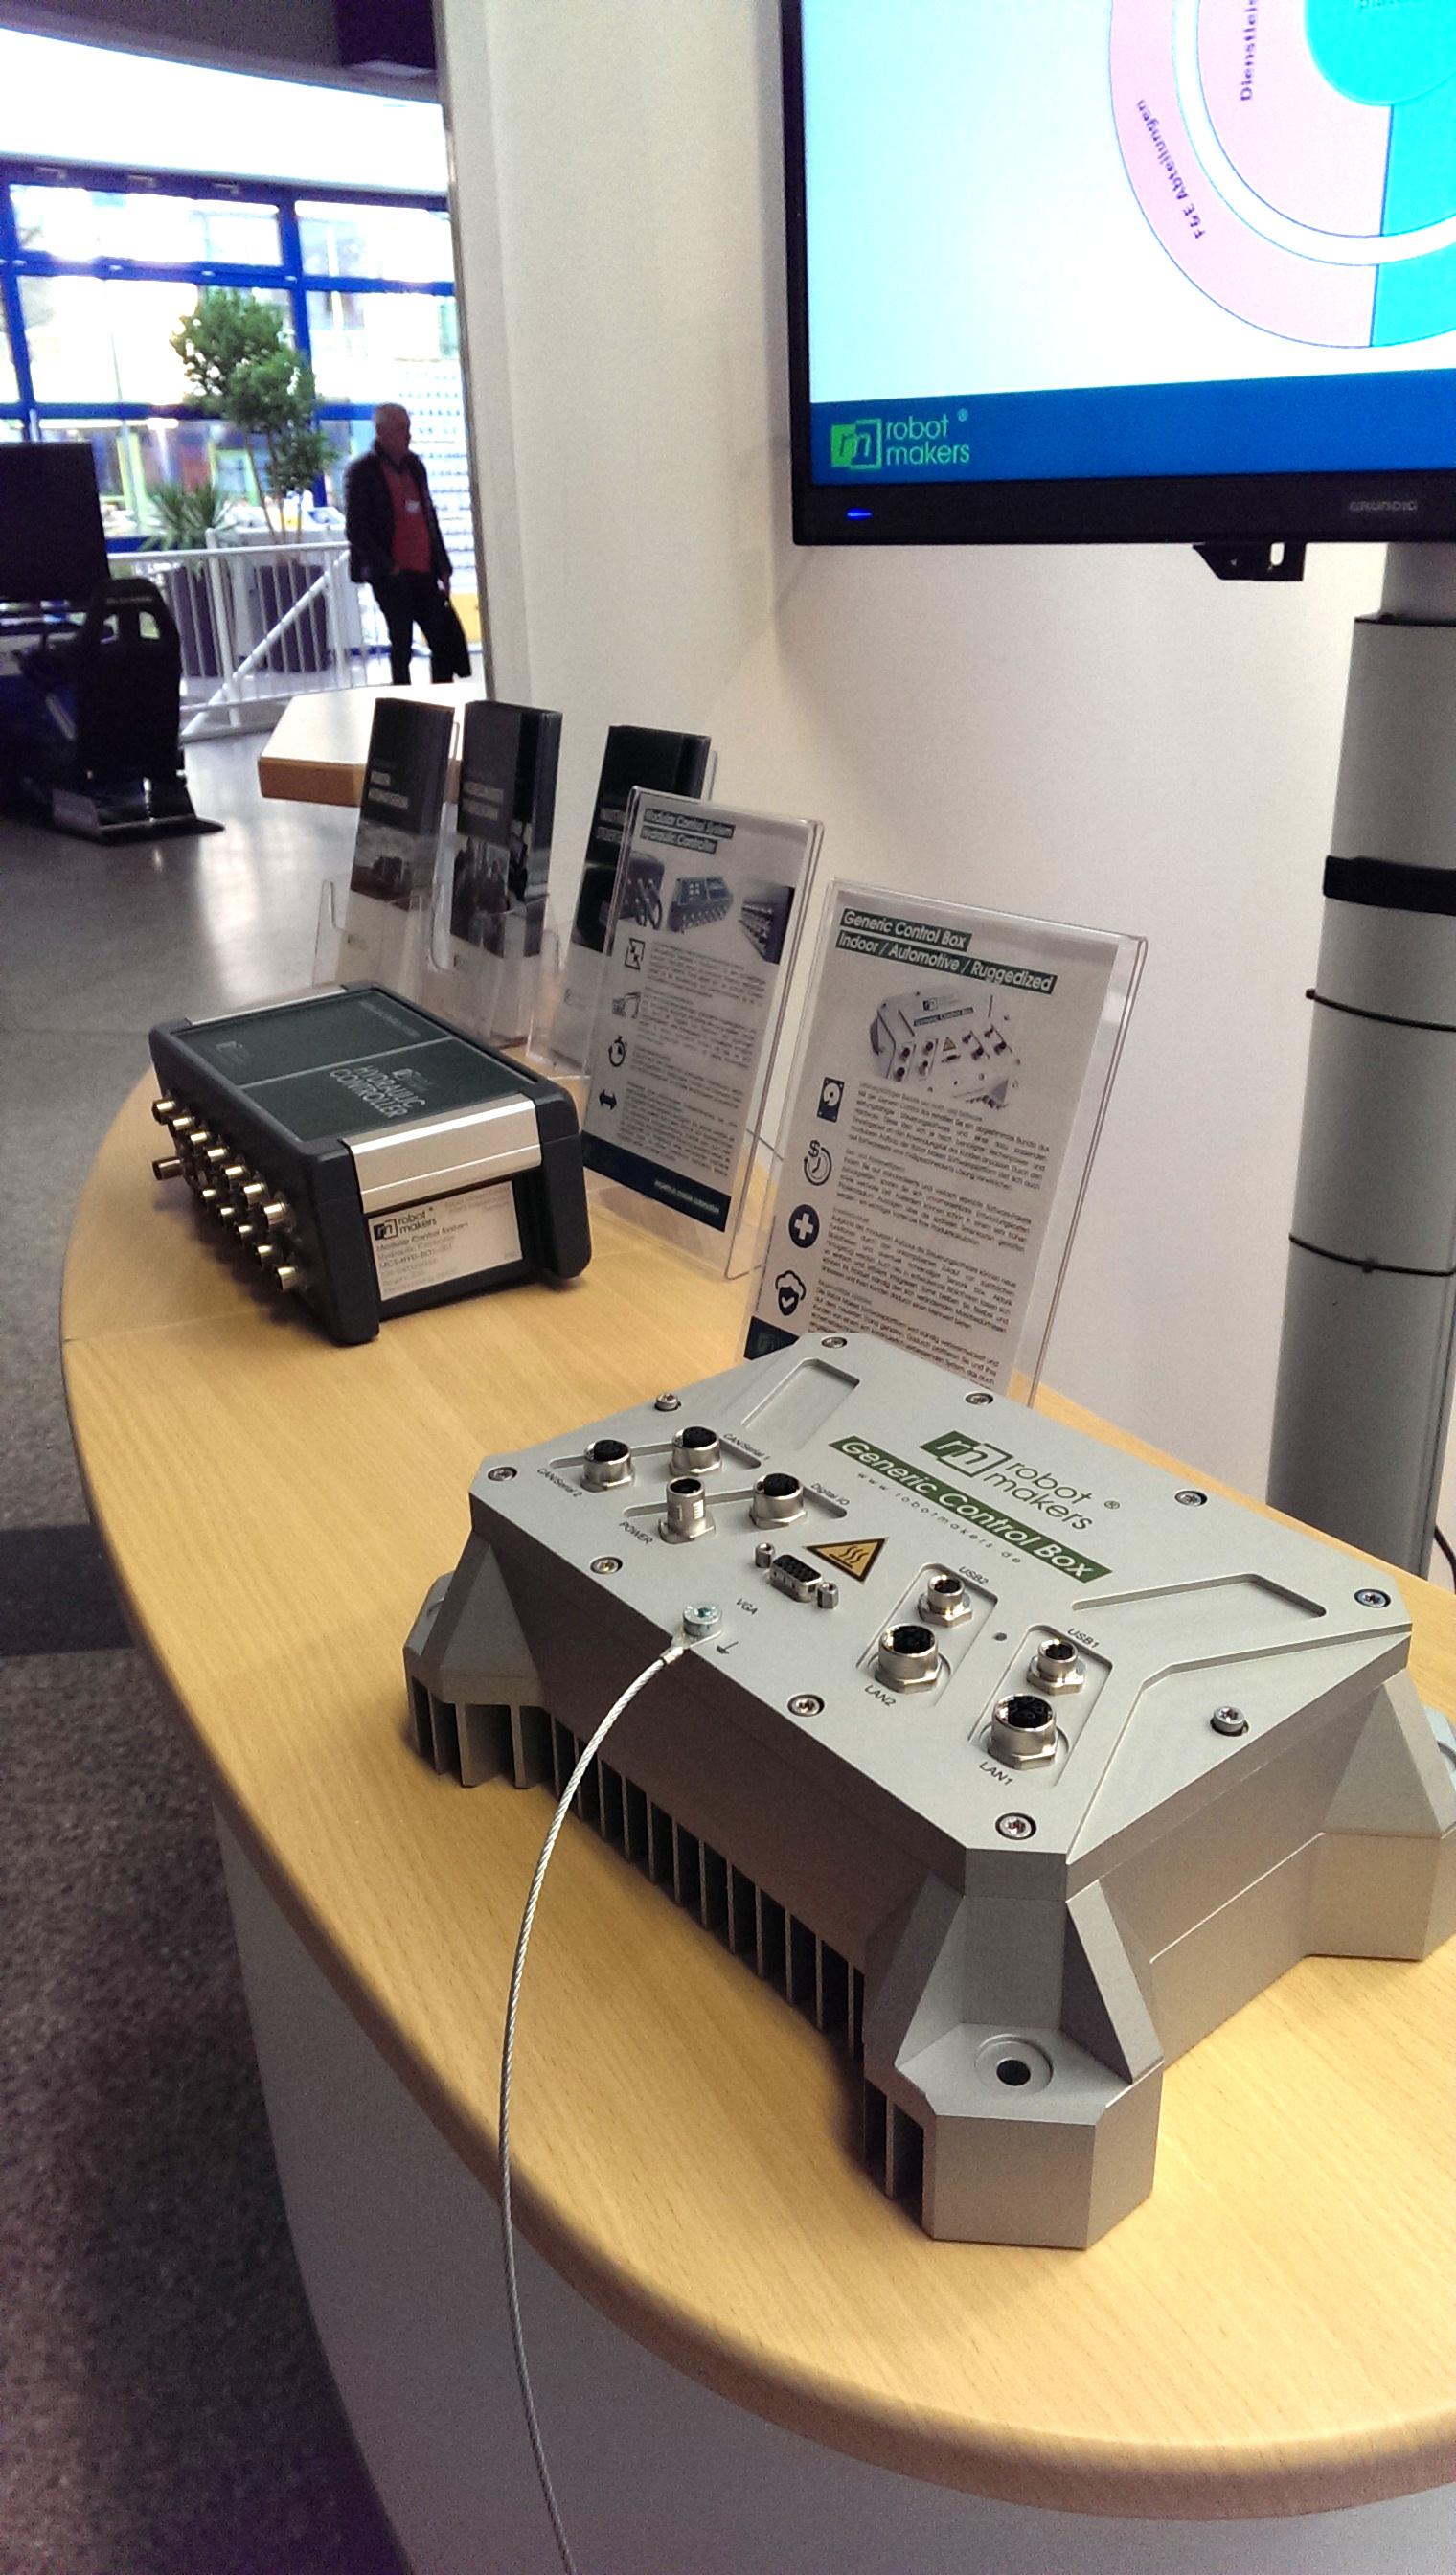 Die robusten Produkte für den Einsatz am Nutzfahrzeug: Generic Control Box Ruggedized und Modular Control System Hydraulic Controller